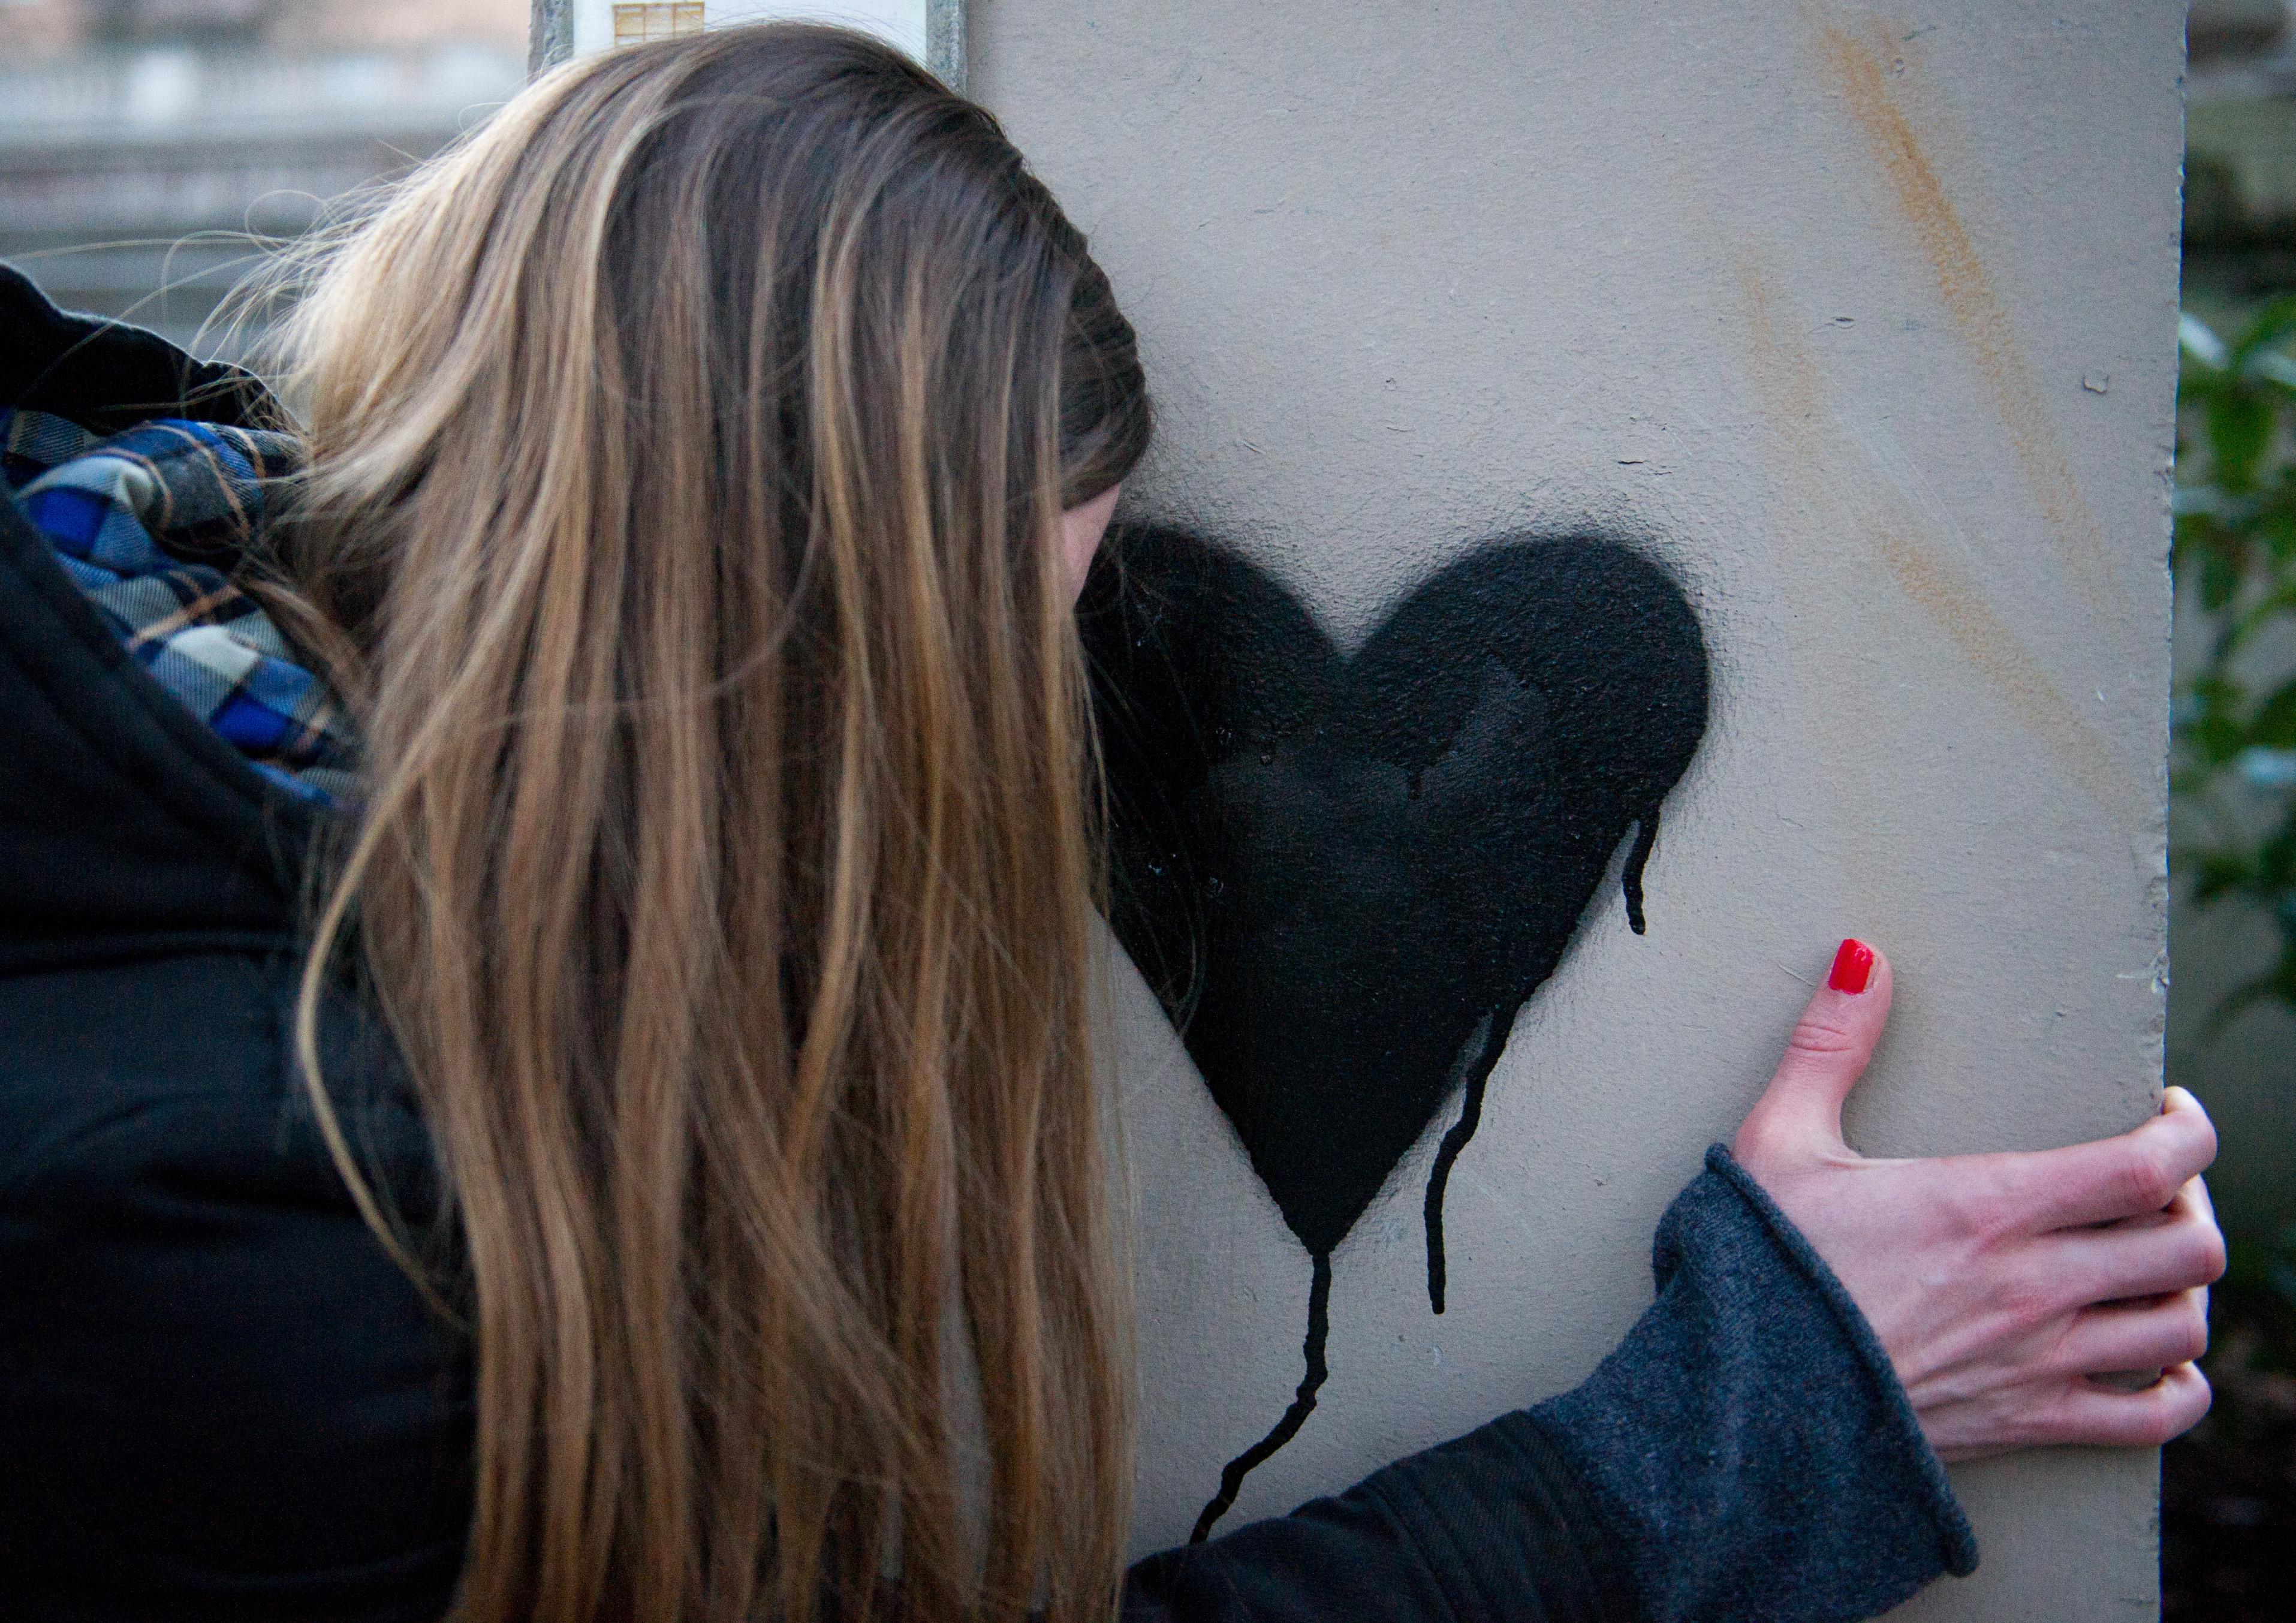 Wenn man erwachsen wird, dreht sich einiges auch um das Thema Liebe. (Foto: dpa)